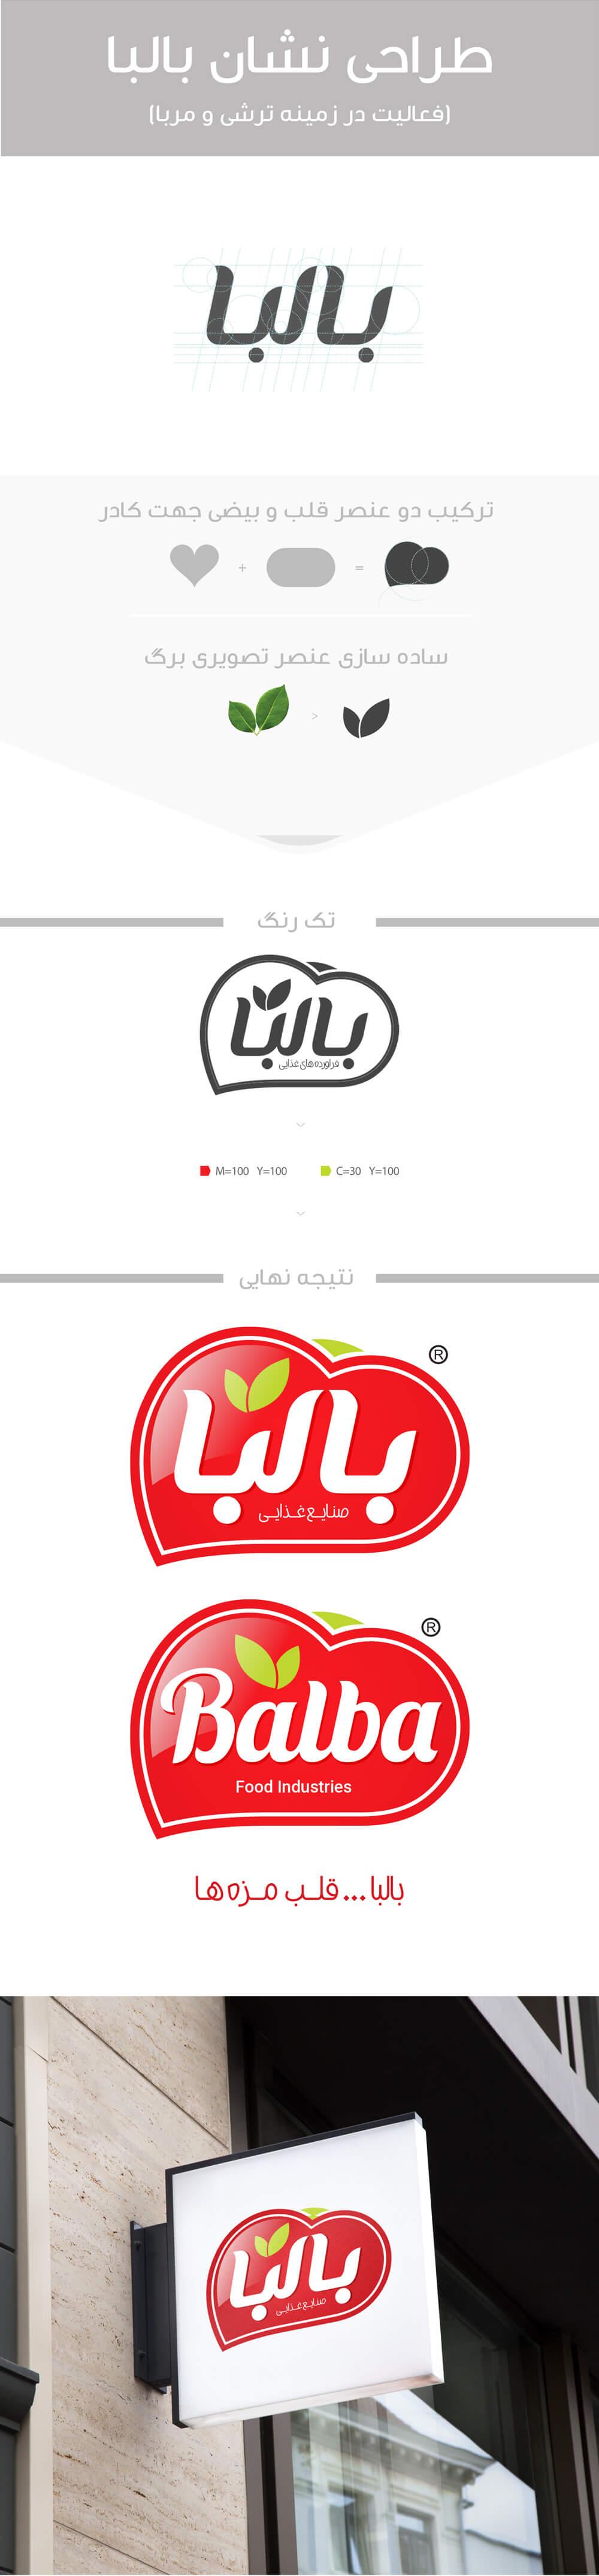 طراحی نشان تجاری محصولات بالبا